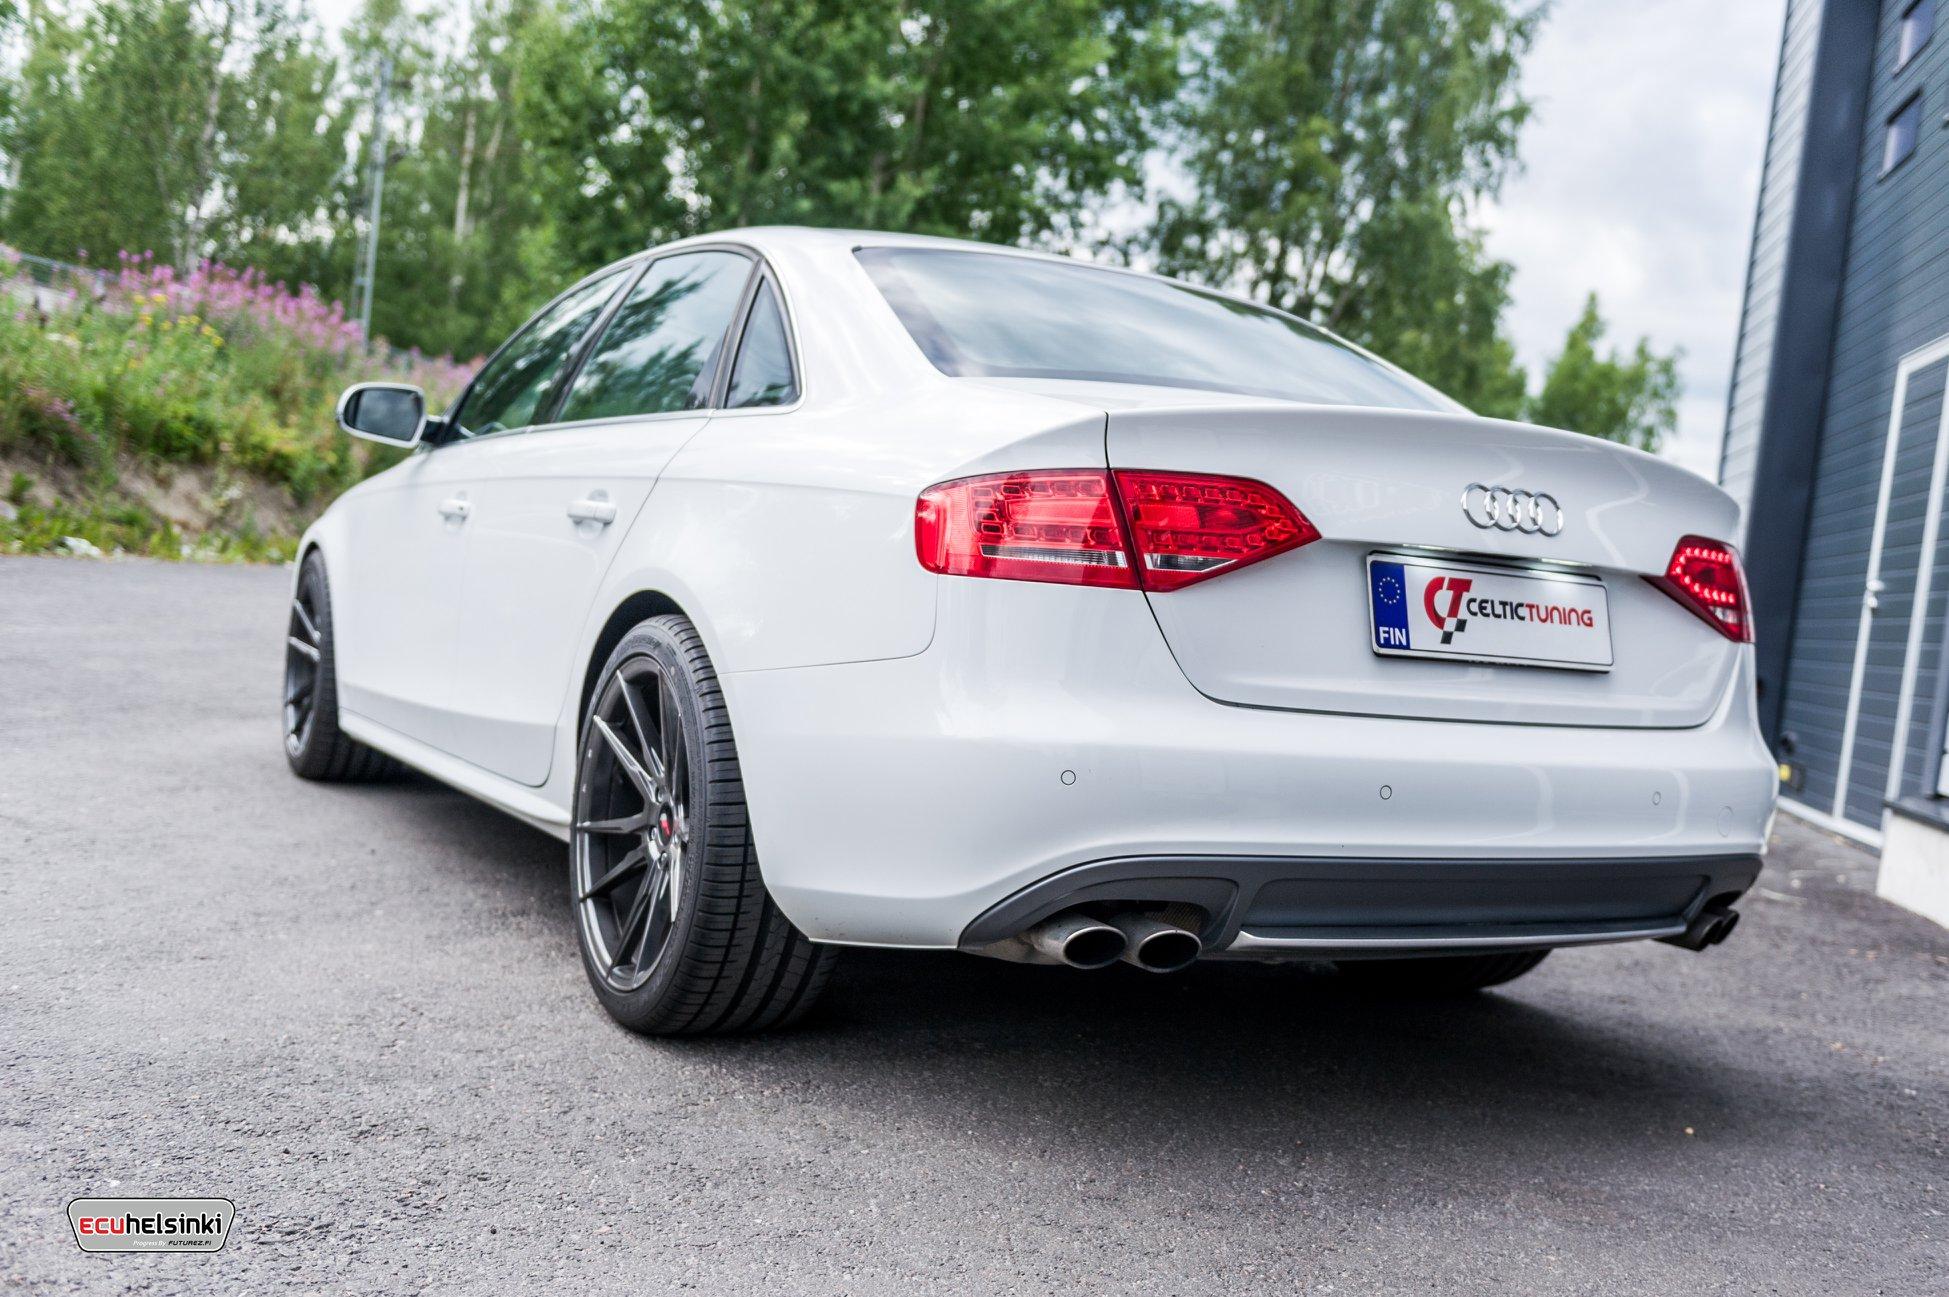 Audi S4 lastutus celtic tuning